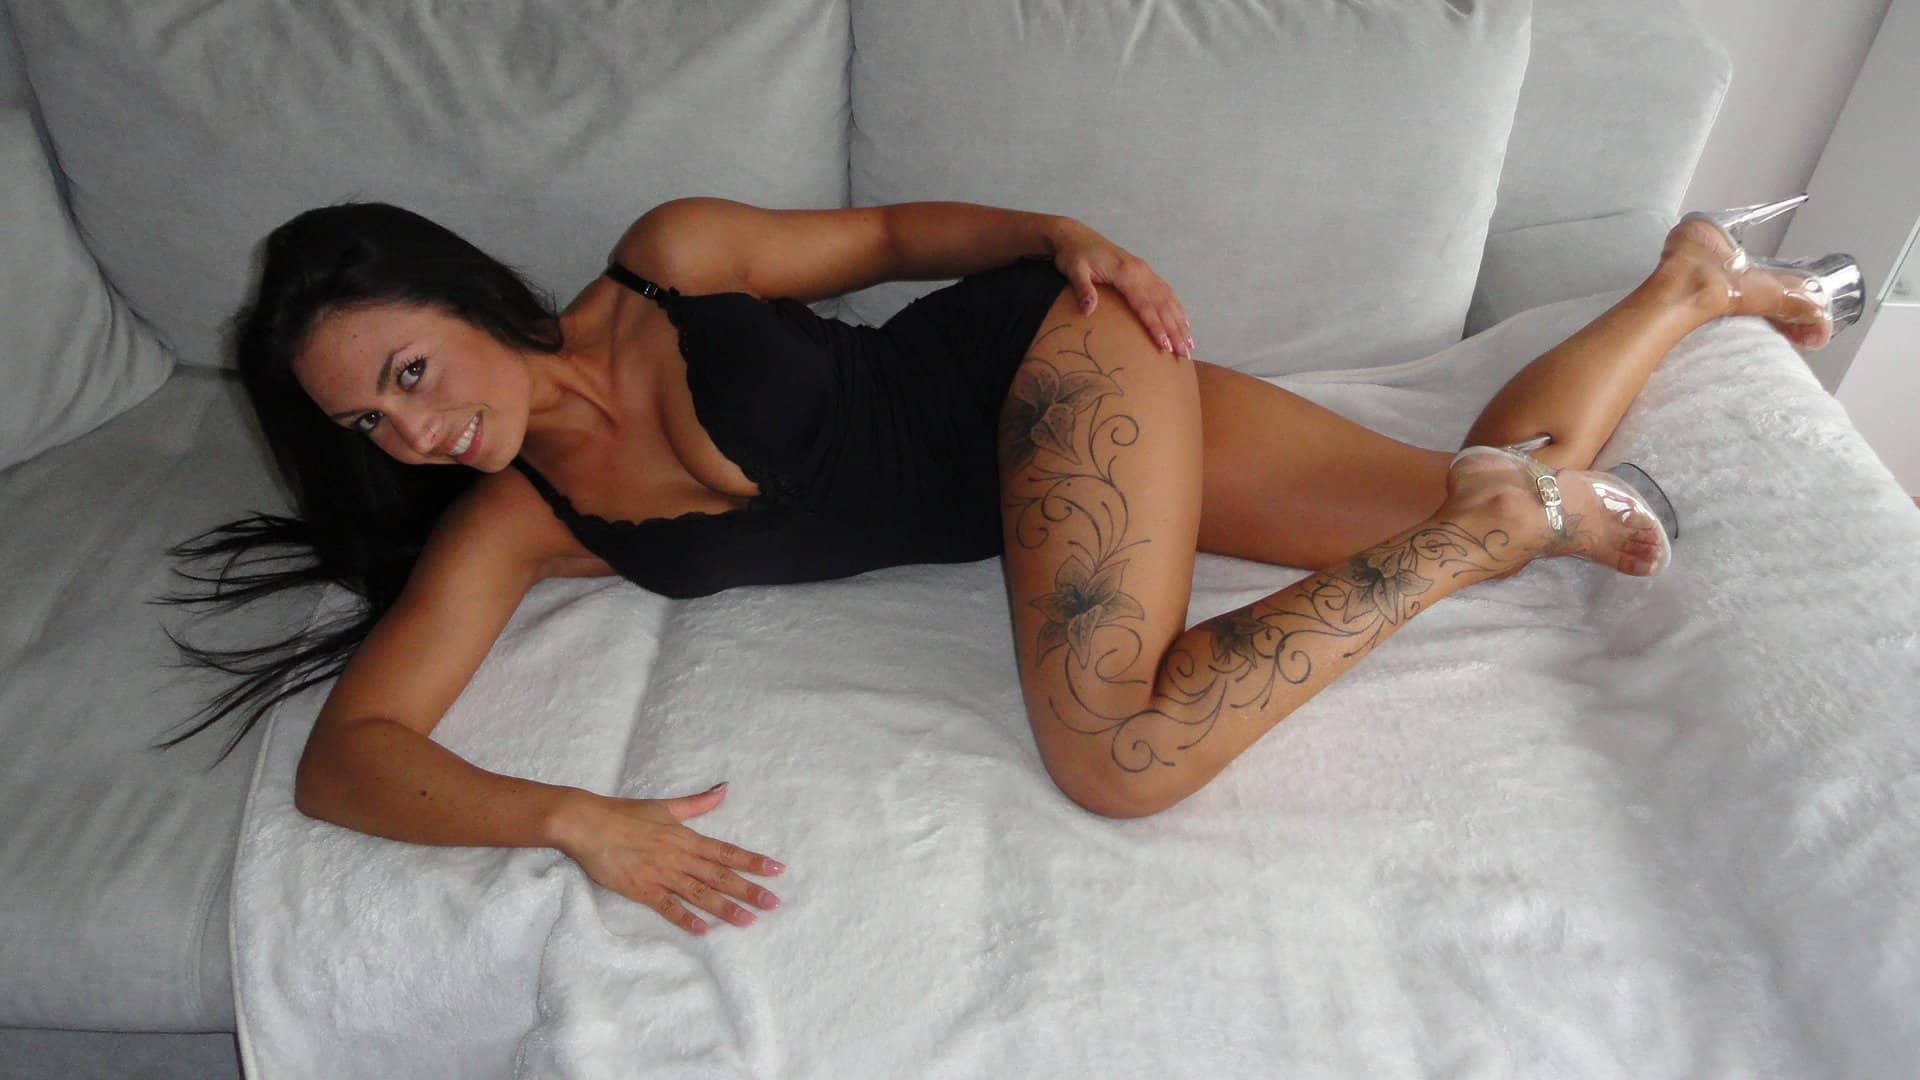 Tolle Bilder von Mina Massimo